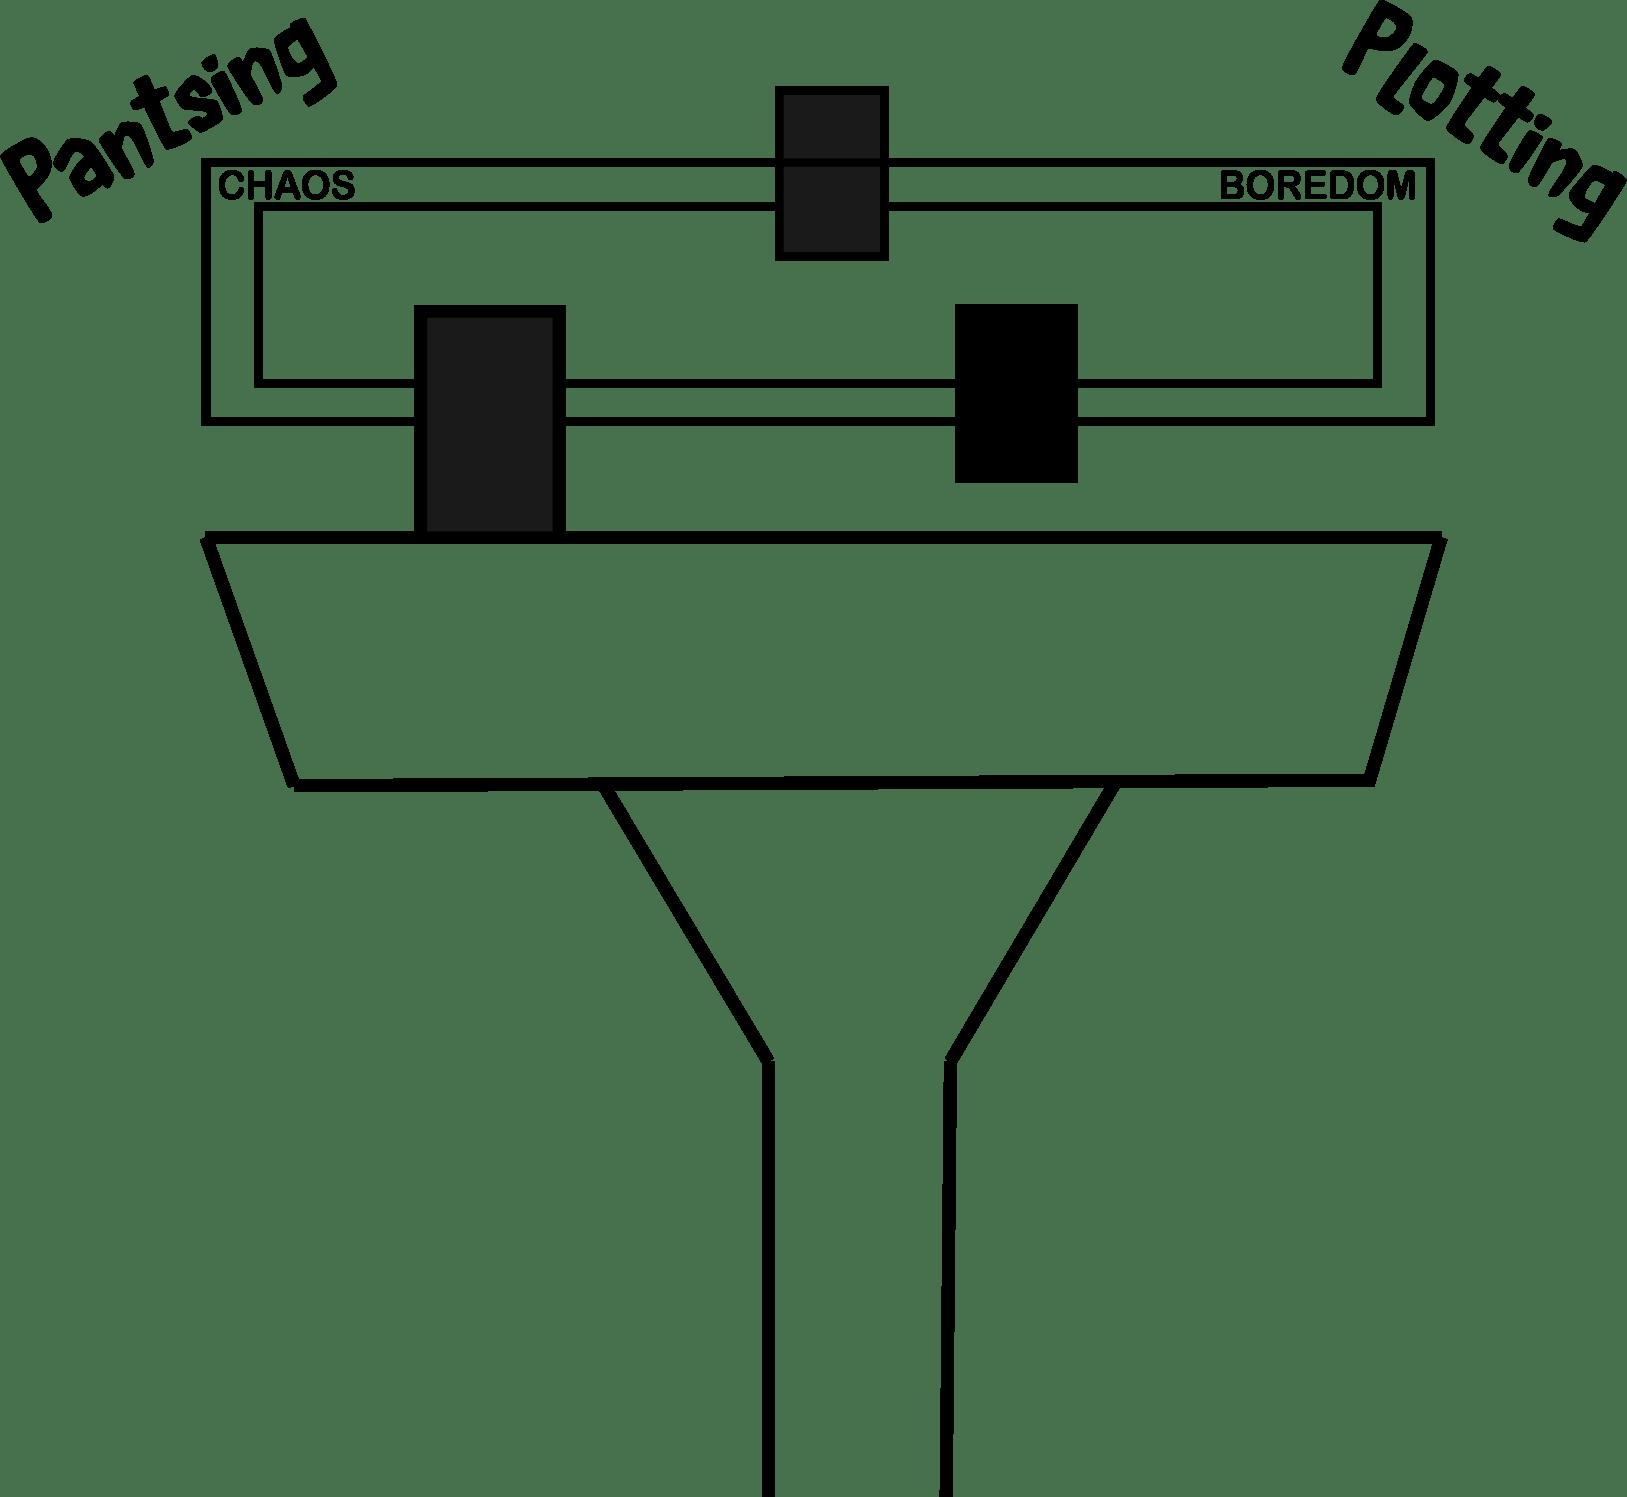 balancing pantsing and plotting